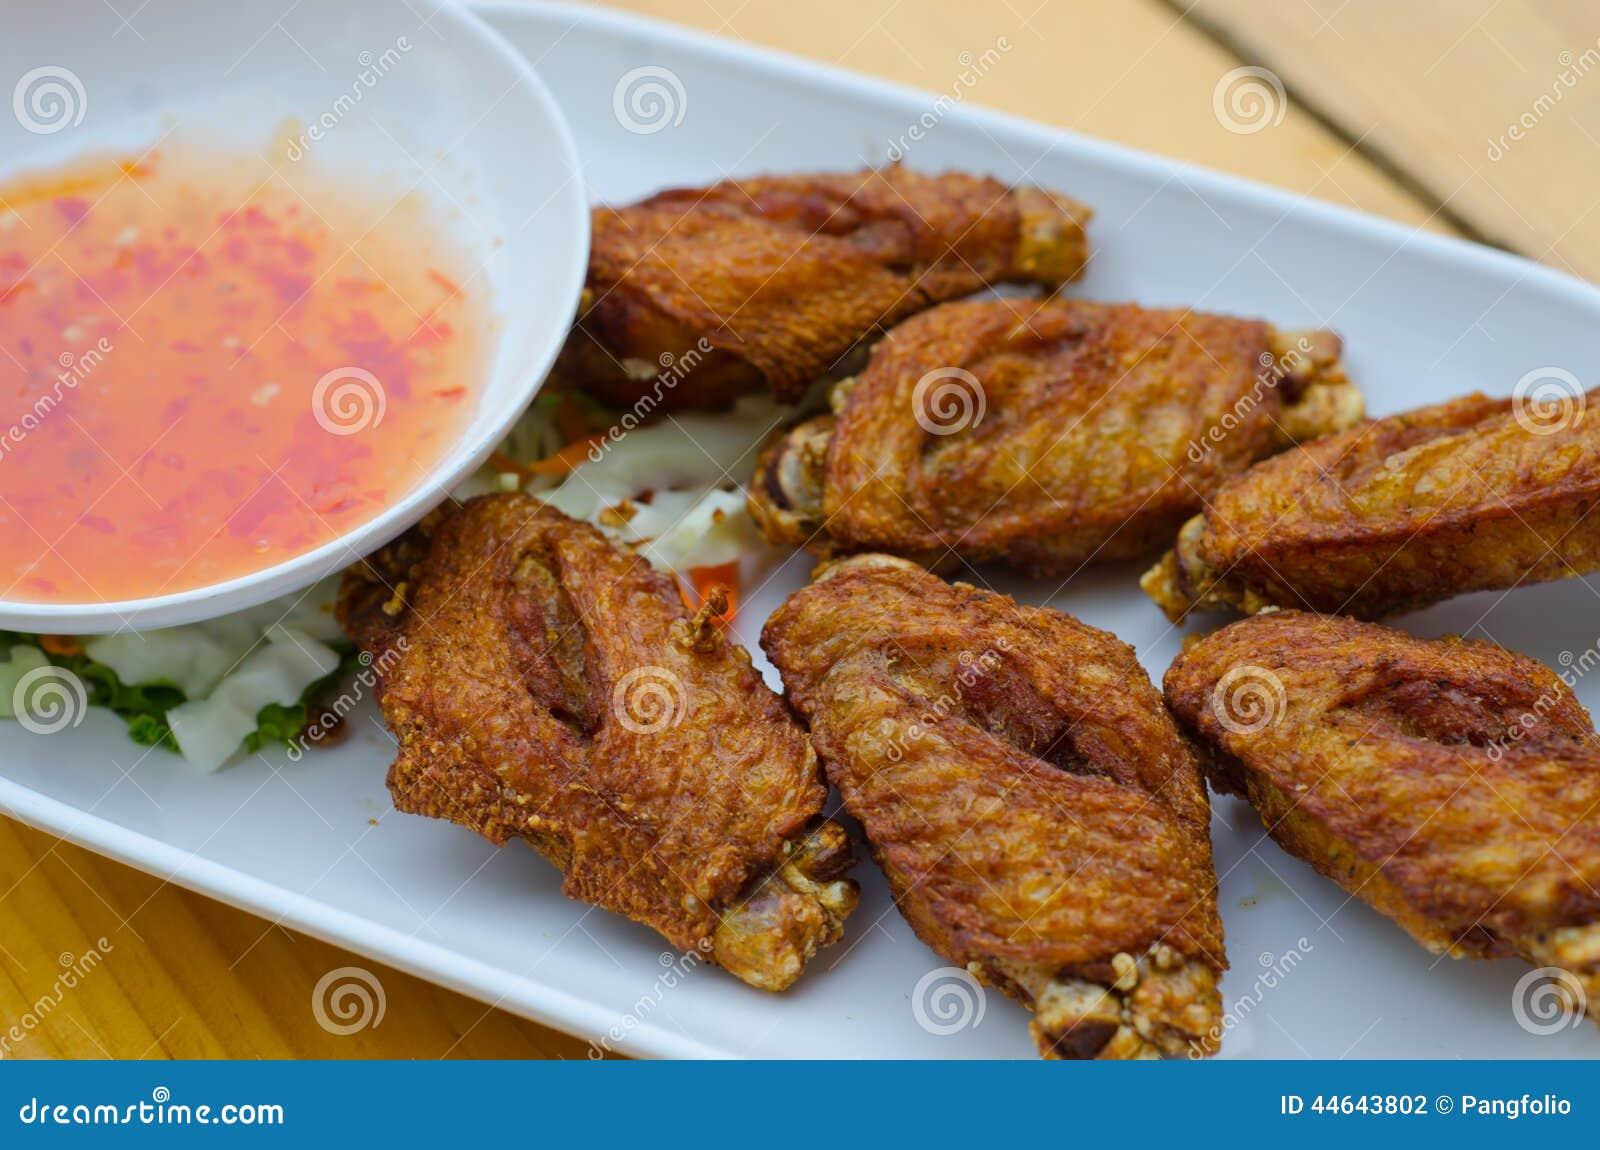 Thai style deep-fried chicken.